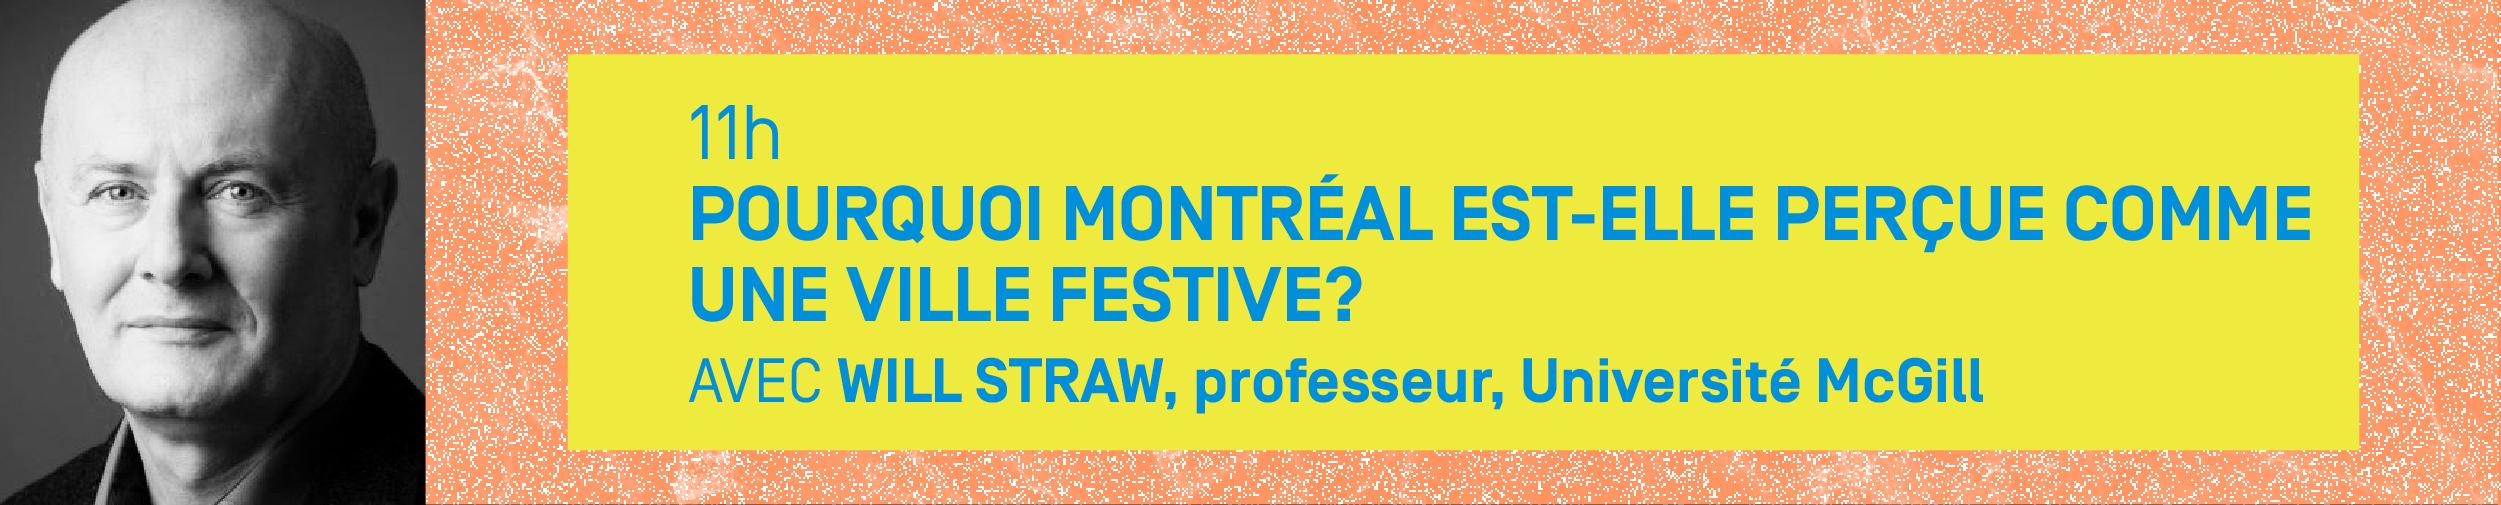 11h – POURQUOI MONTRÉAL EST-ELLE PERÇUE COMME UNE VILLE FESTIVE? Avec WILL STRAW, professeur, Université McGill